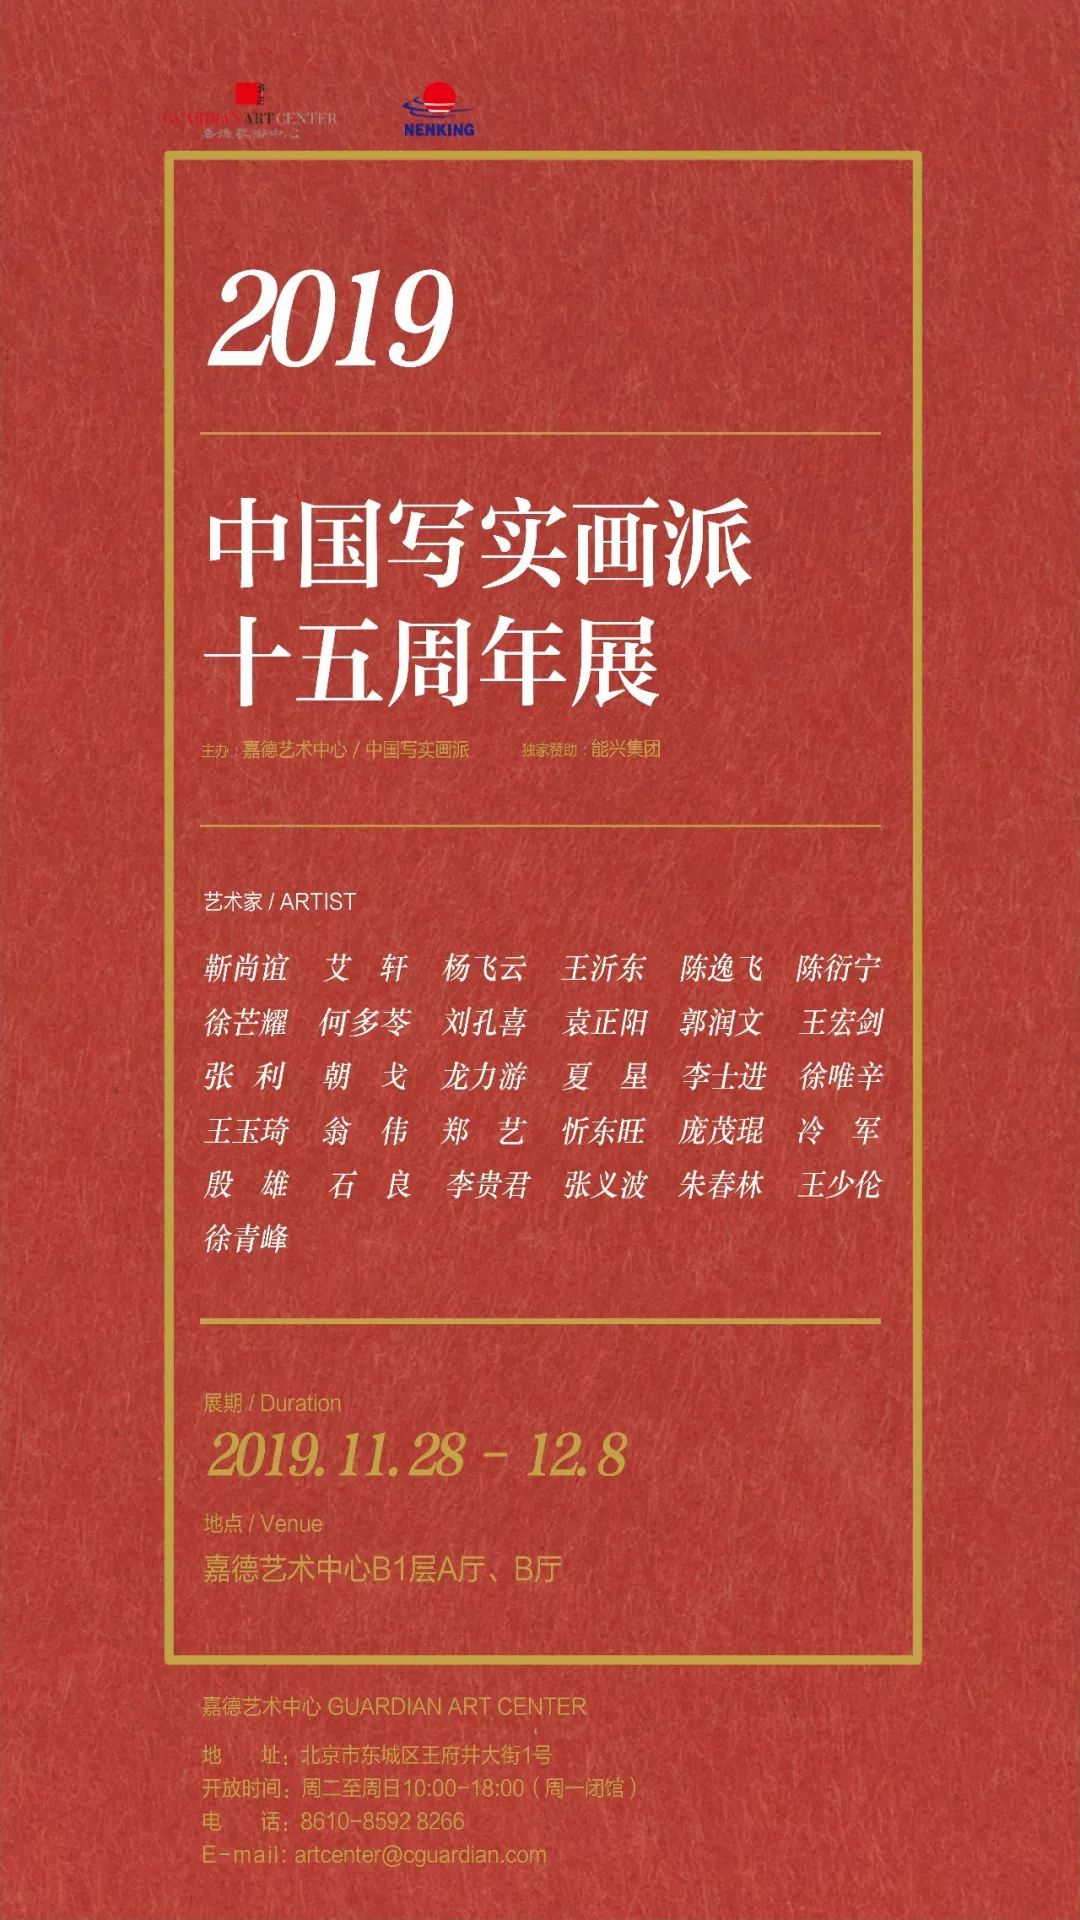 2019中国写实画派十五周年展(11.28-12.8)插图